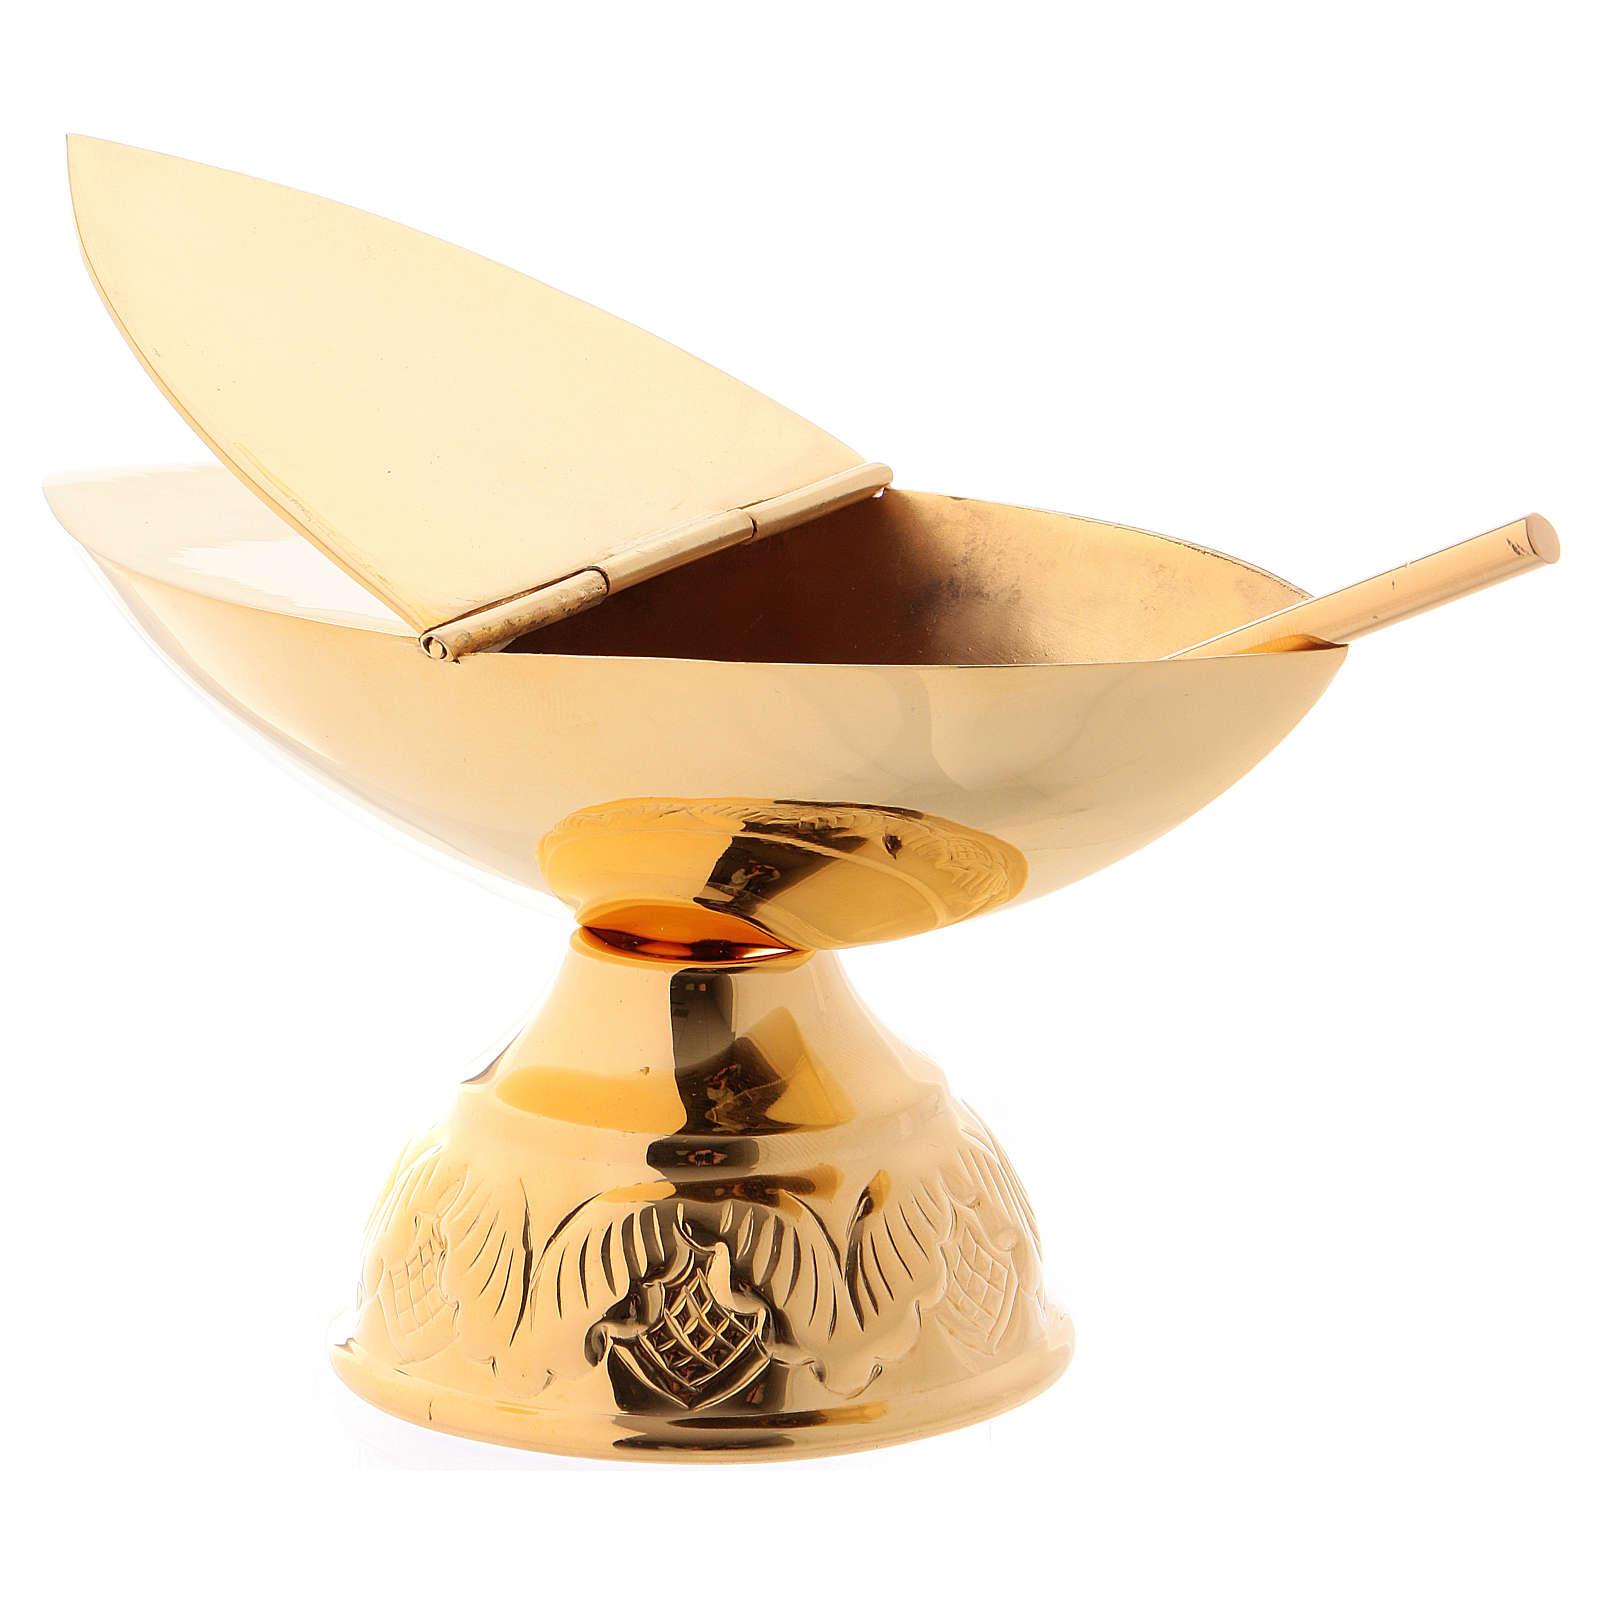 Turibolo e navetta con cucchiaio in finitura dorata 3